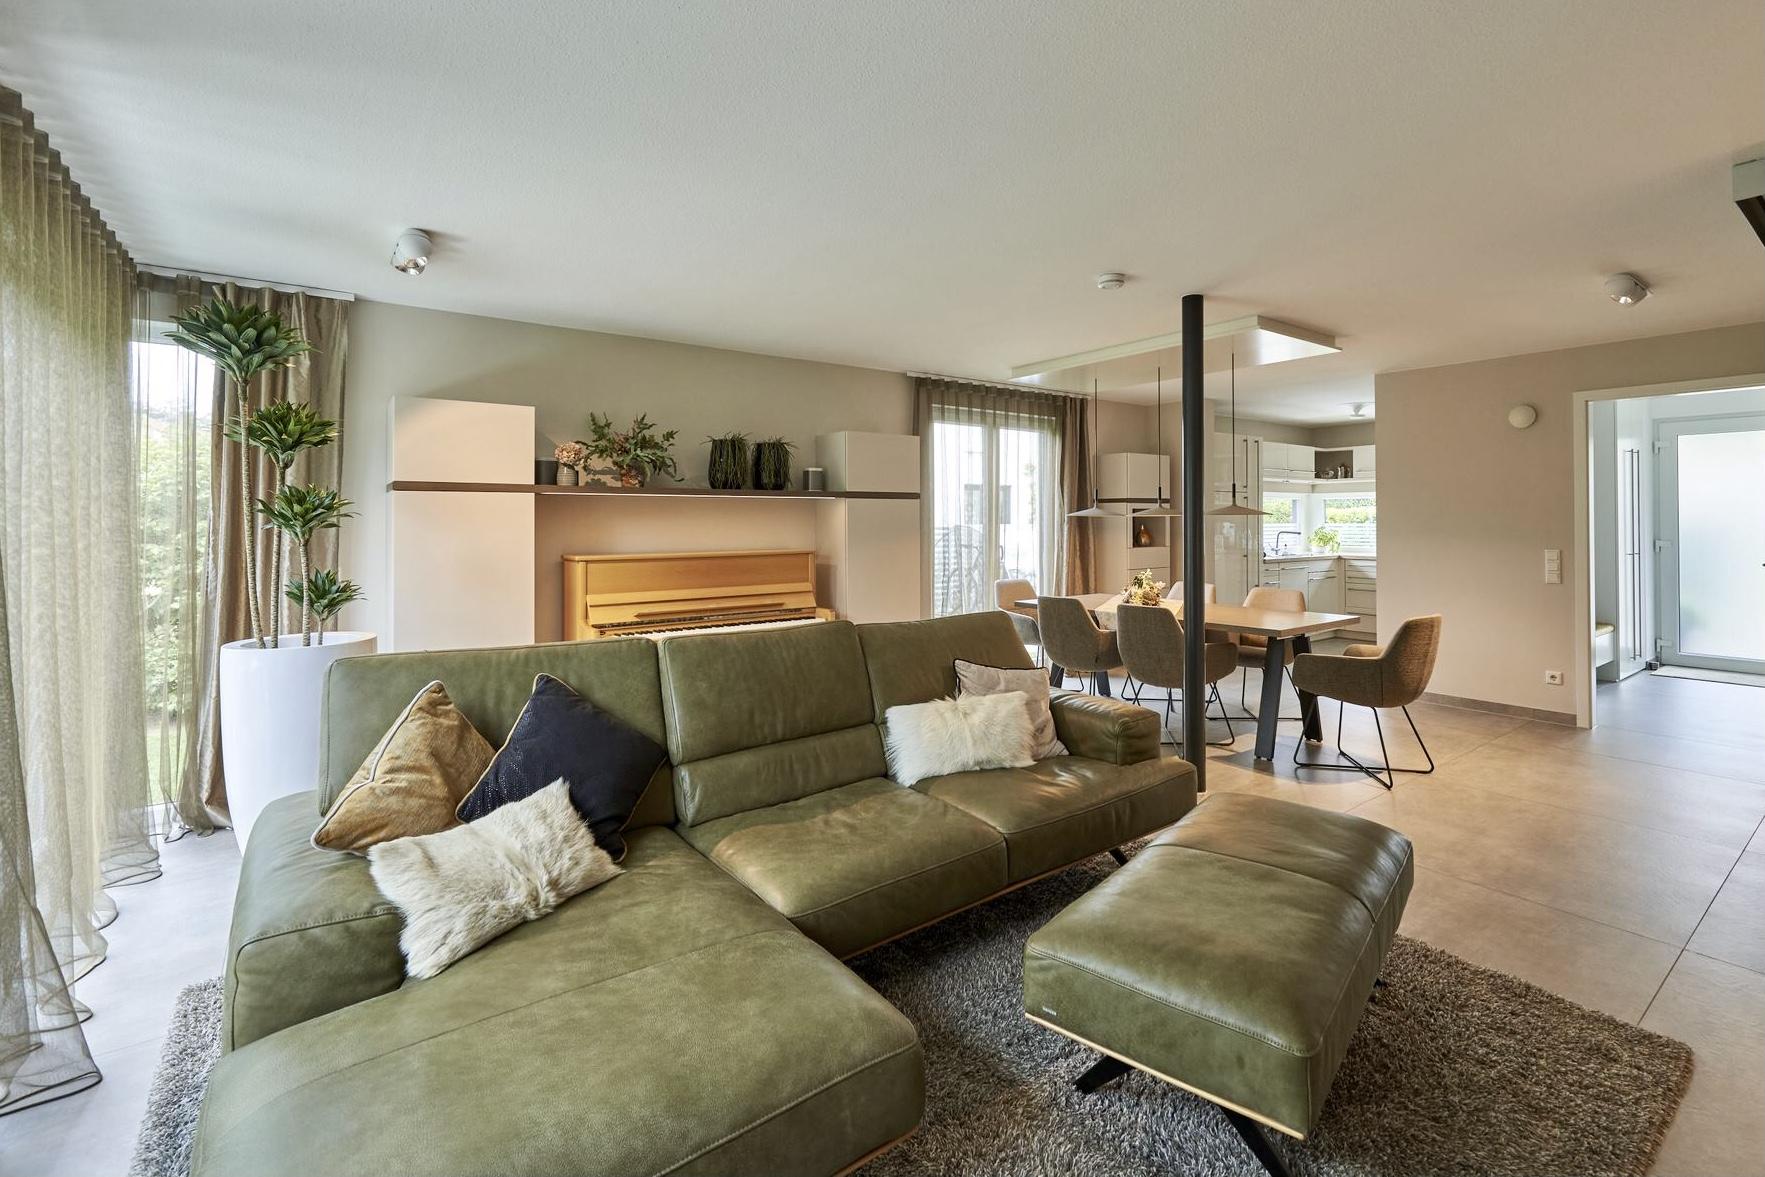 www.ideenraumgeben.de-renovierung-eines-wohnraums-mit-effektfeuer-b380e866-c5e3-4009-8ec1-9ae5d323baa0